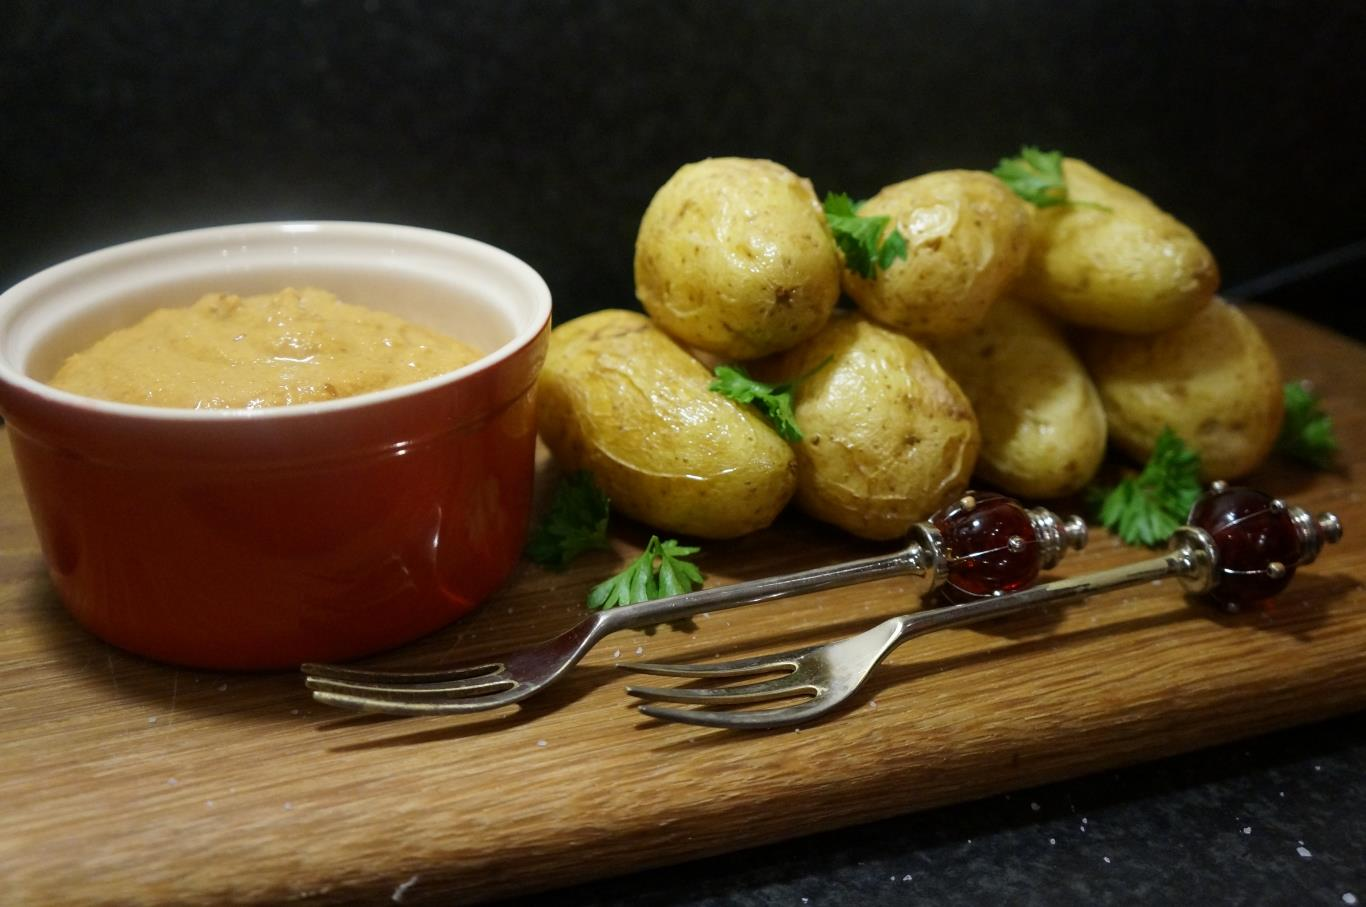 Món ăn truyền thống của vùng Huancayo bao gồm các nguyên liệu cơ bản là khoai tây với nước sốt pho mát, đi kèm với trứng luộc và ô liu đen. Nghe có vẻ đơn giản và ngon miệng nhưng bạn sẽ cảm thấy sức cay nóng do món ăn có một thành phần quan trọng là ớt vàng, một loại ớt cay nổi tiếng của Peru.